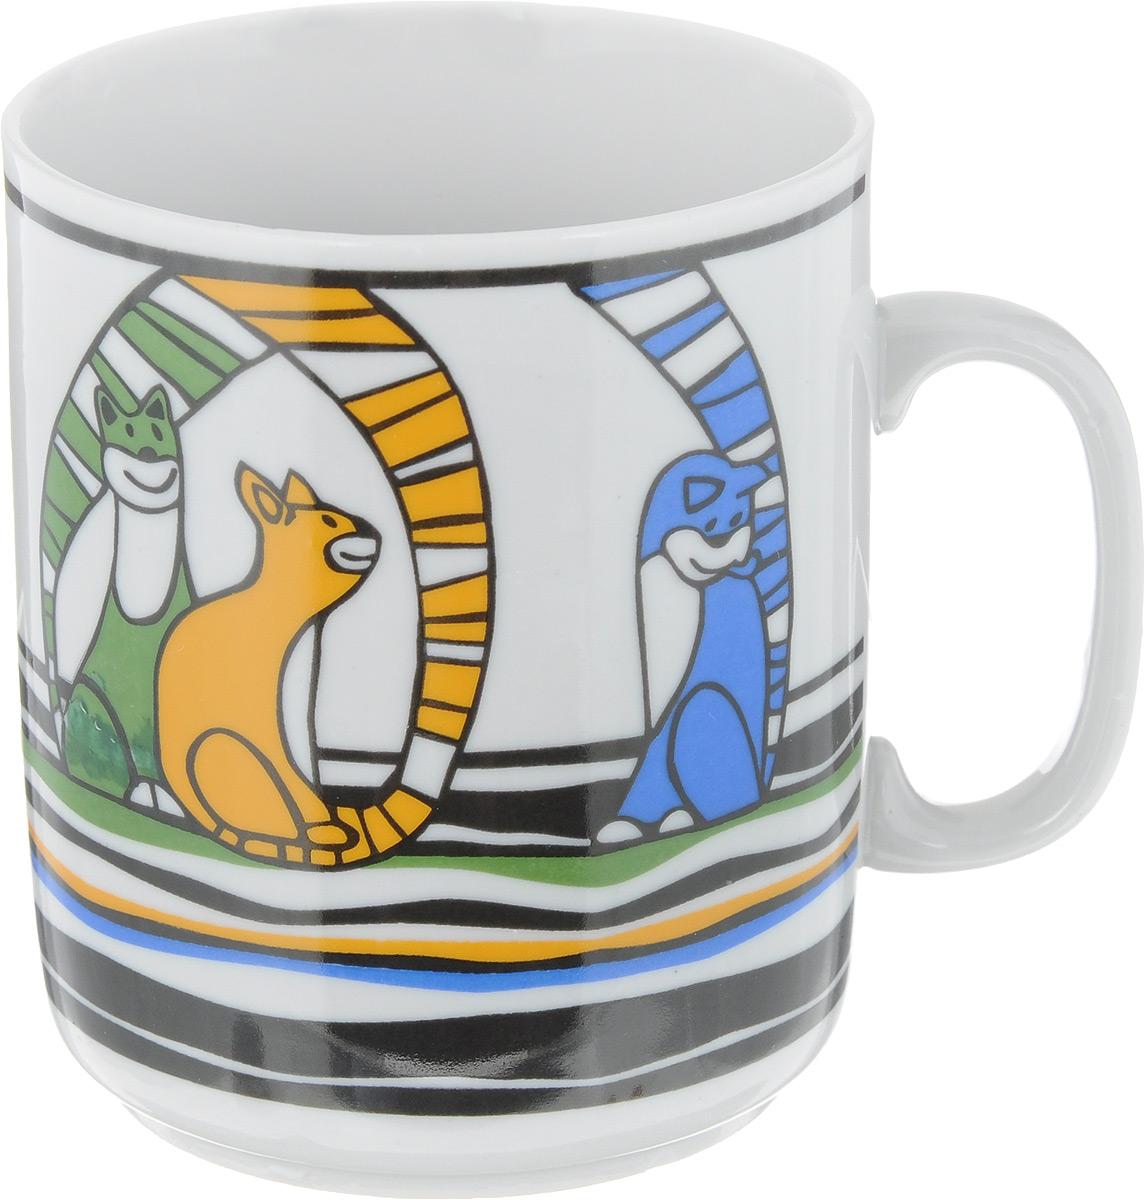 Кружка Фарфор Вербилок Коты, цвет: зеленый, желтый, синий, 300 мл115510Кружка Фарфор Вербилок Коты способна скрасить любое чаепитие. Изделие выполнено из высококачественного фарфора. Посуда из такого материала позволяет сохранить истинный вкус напитка, а также помогает ему дольше оставаться теплым.Диаметр кружки (по верхнему краю): 8 см.Высота кружки: 9,5 см.